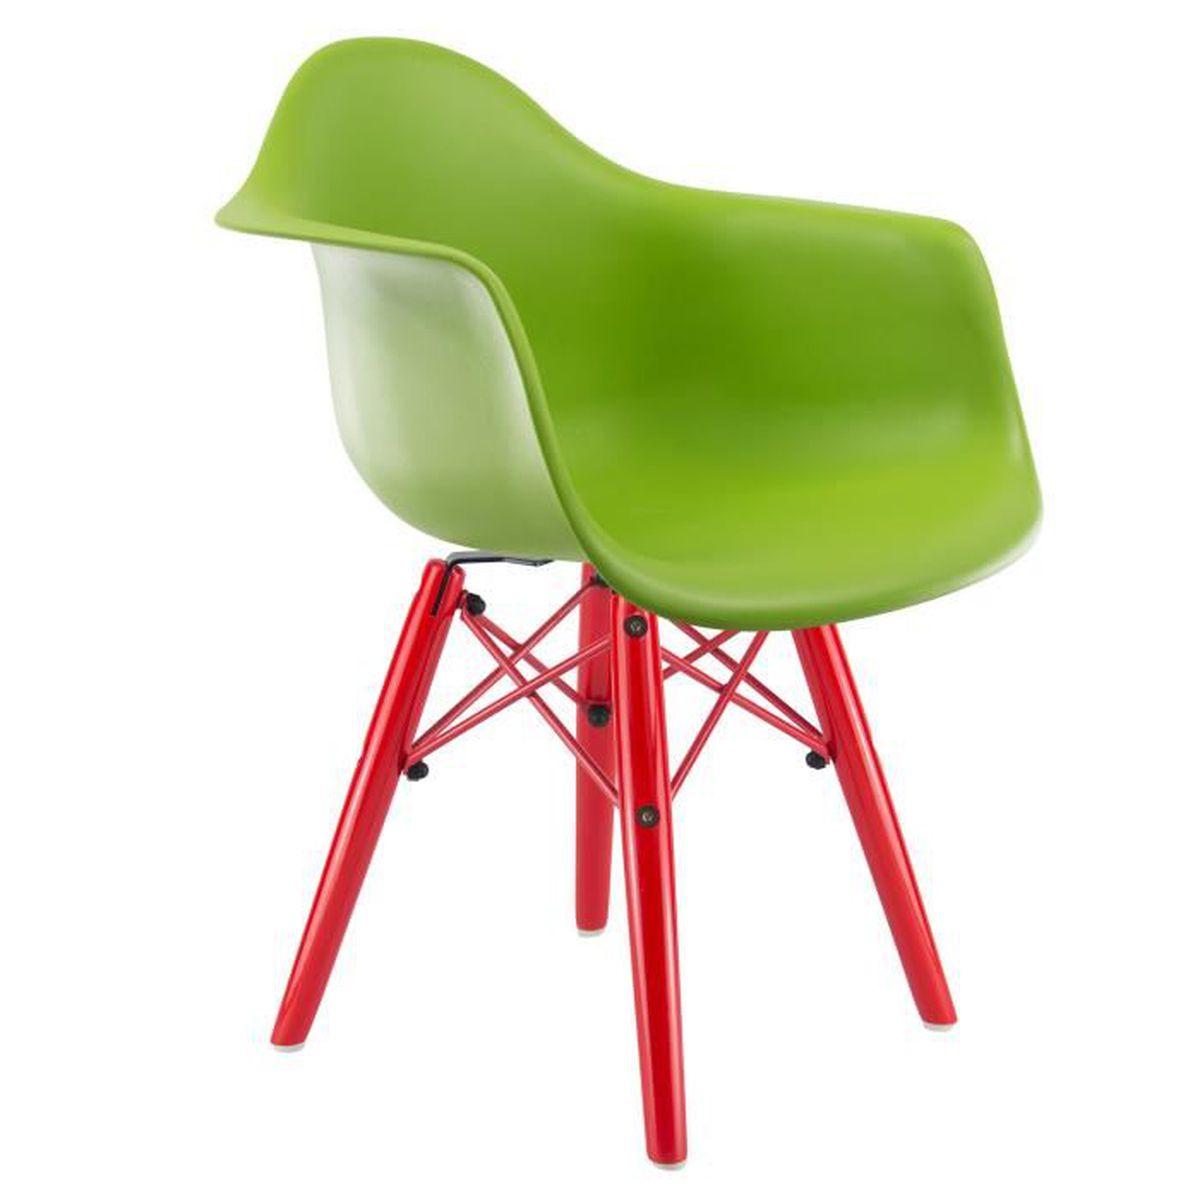 chaise privee chaise enfant daw color e vert rouge achat vente chaise les soldes. Black Bedroom Furniture Sets. Home Design Ideas